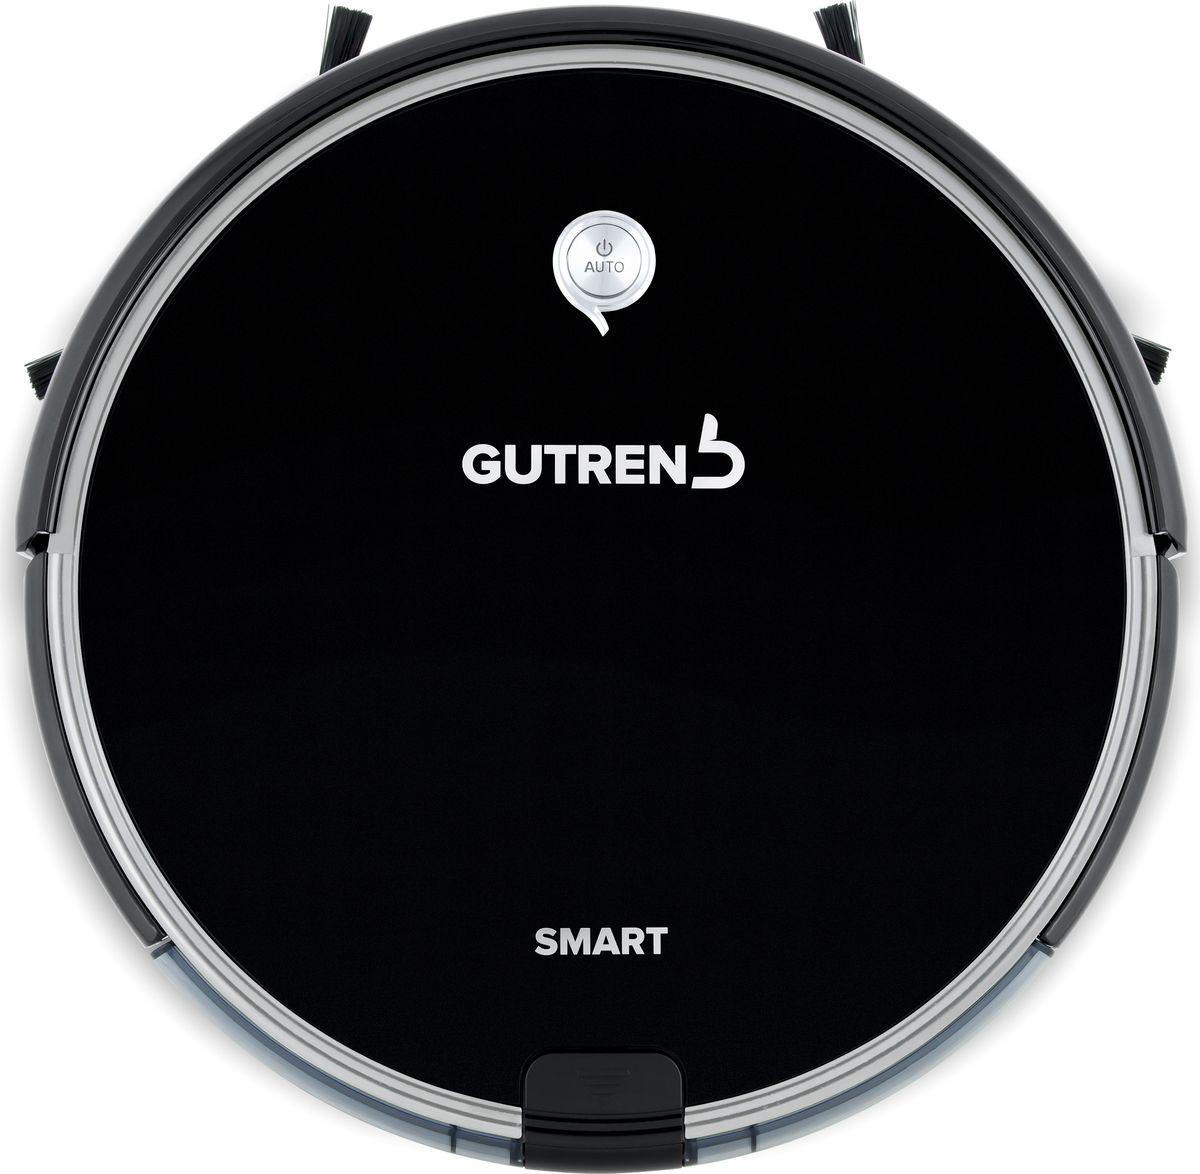 лучшая цена Робот-пылесос Gutrend Smart 300, Black